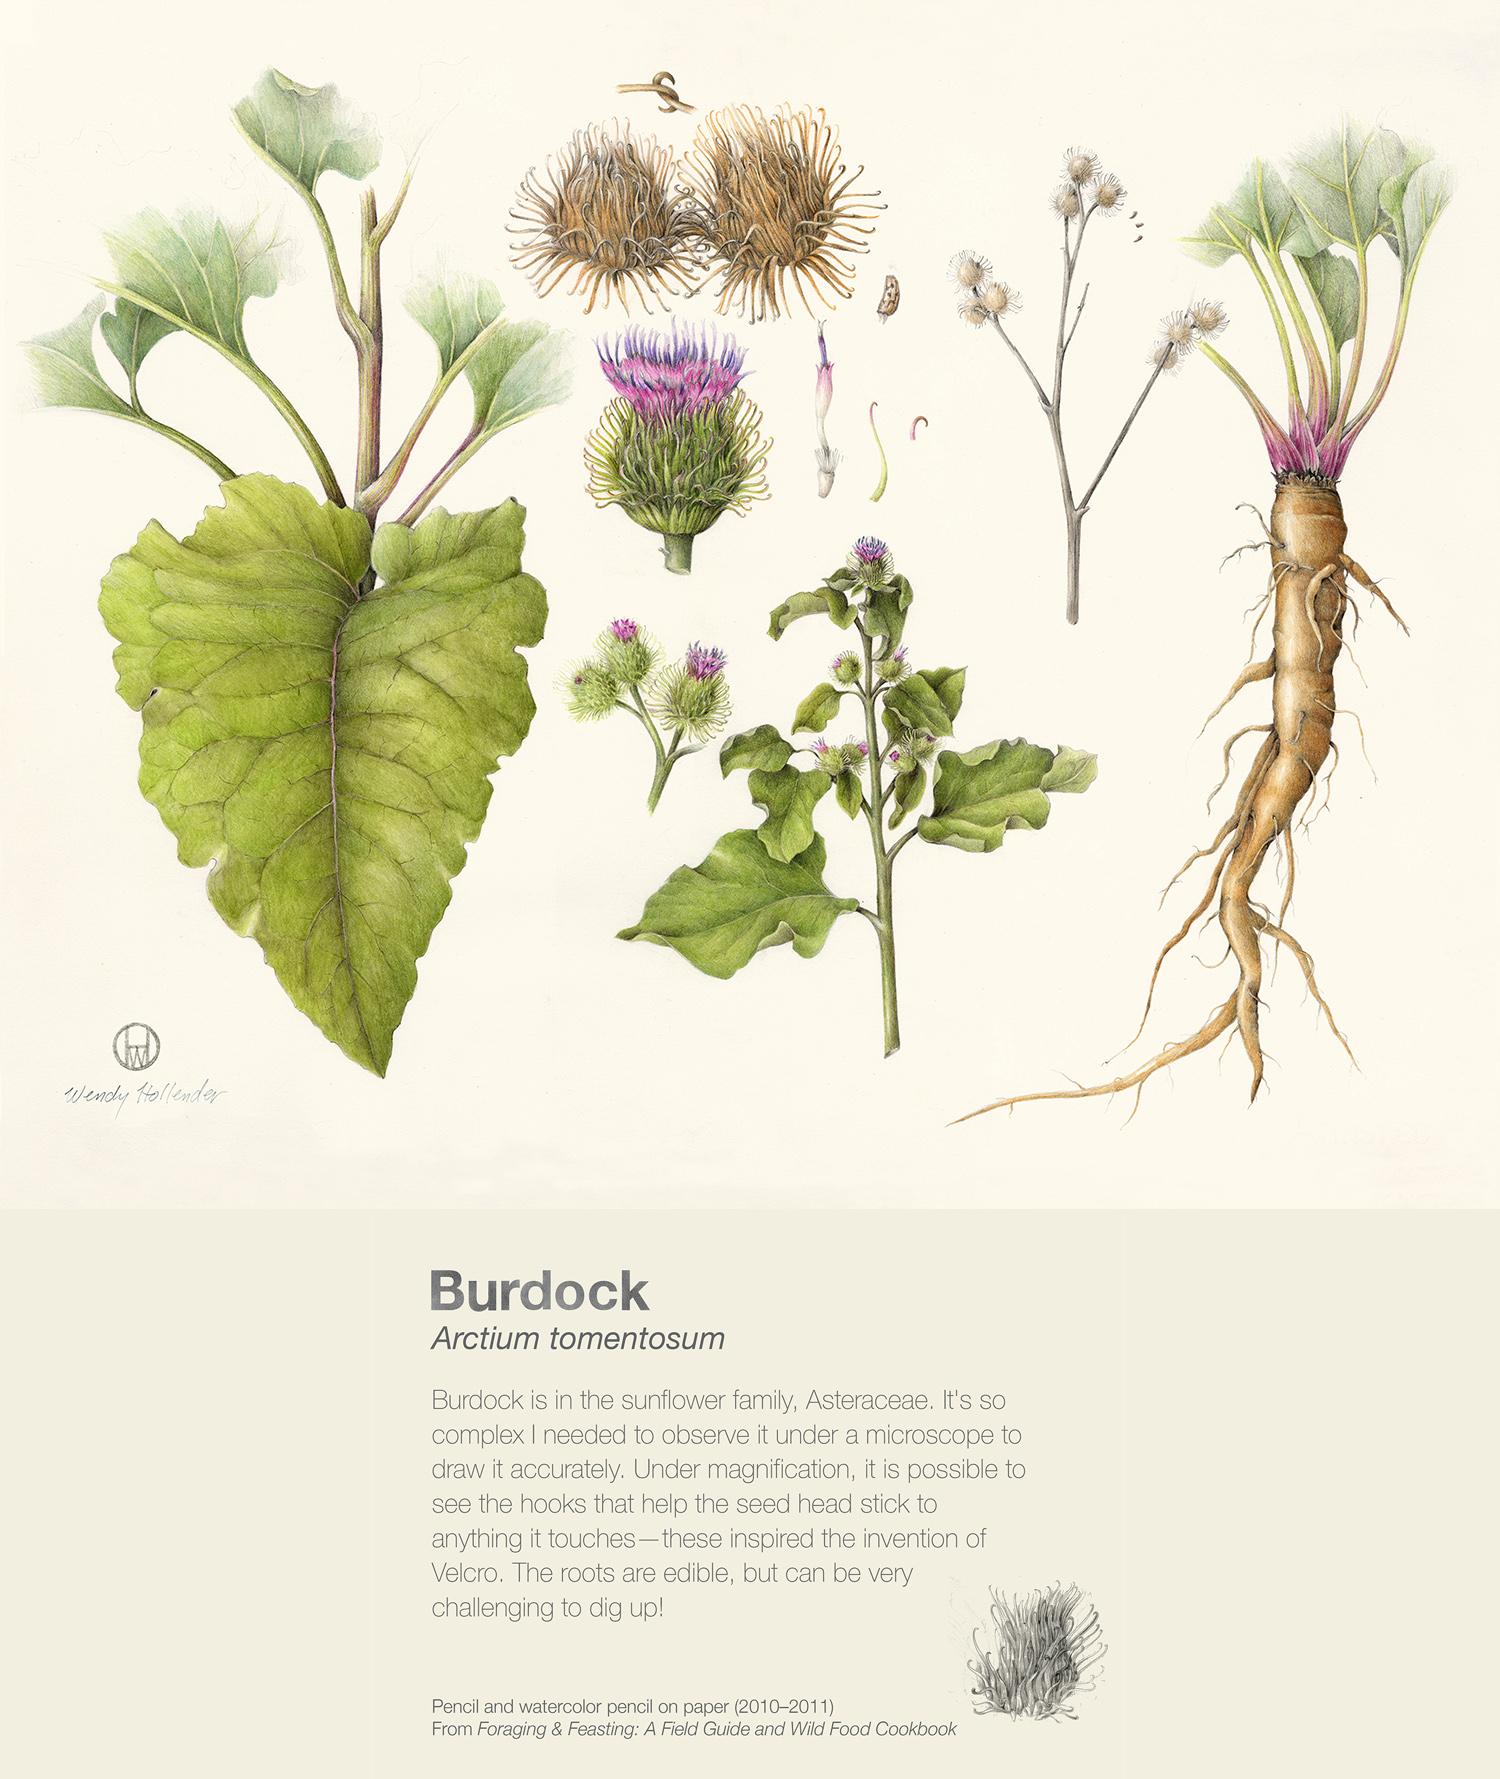 Burdock - Arctium tomentosum